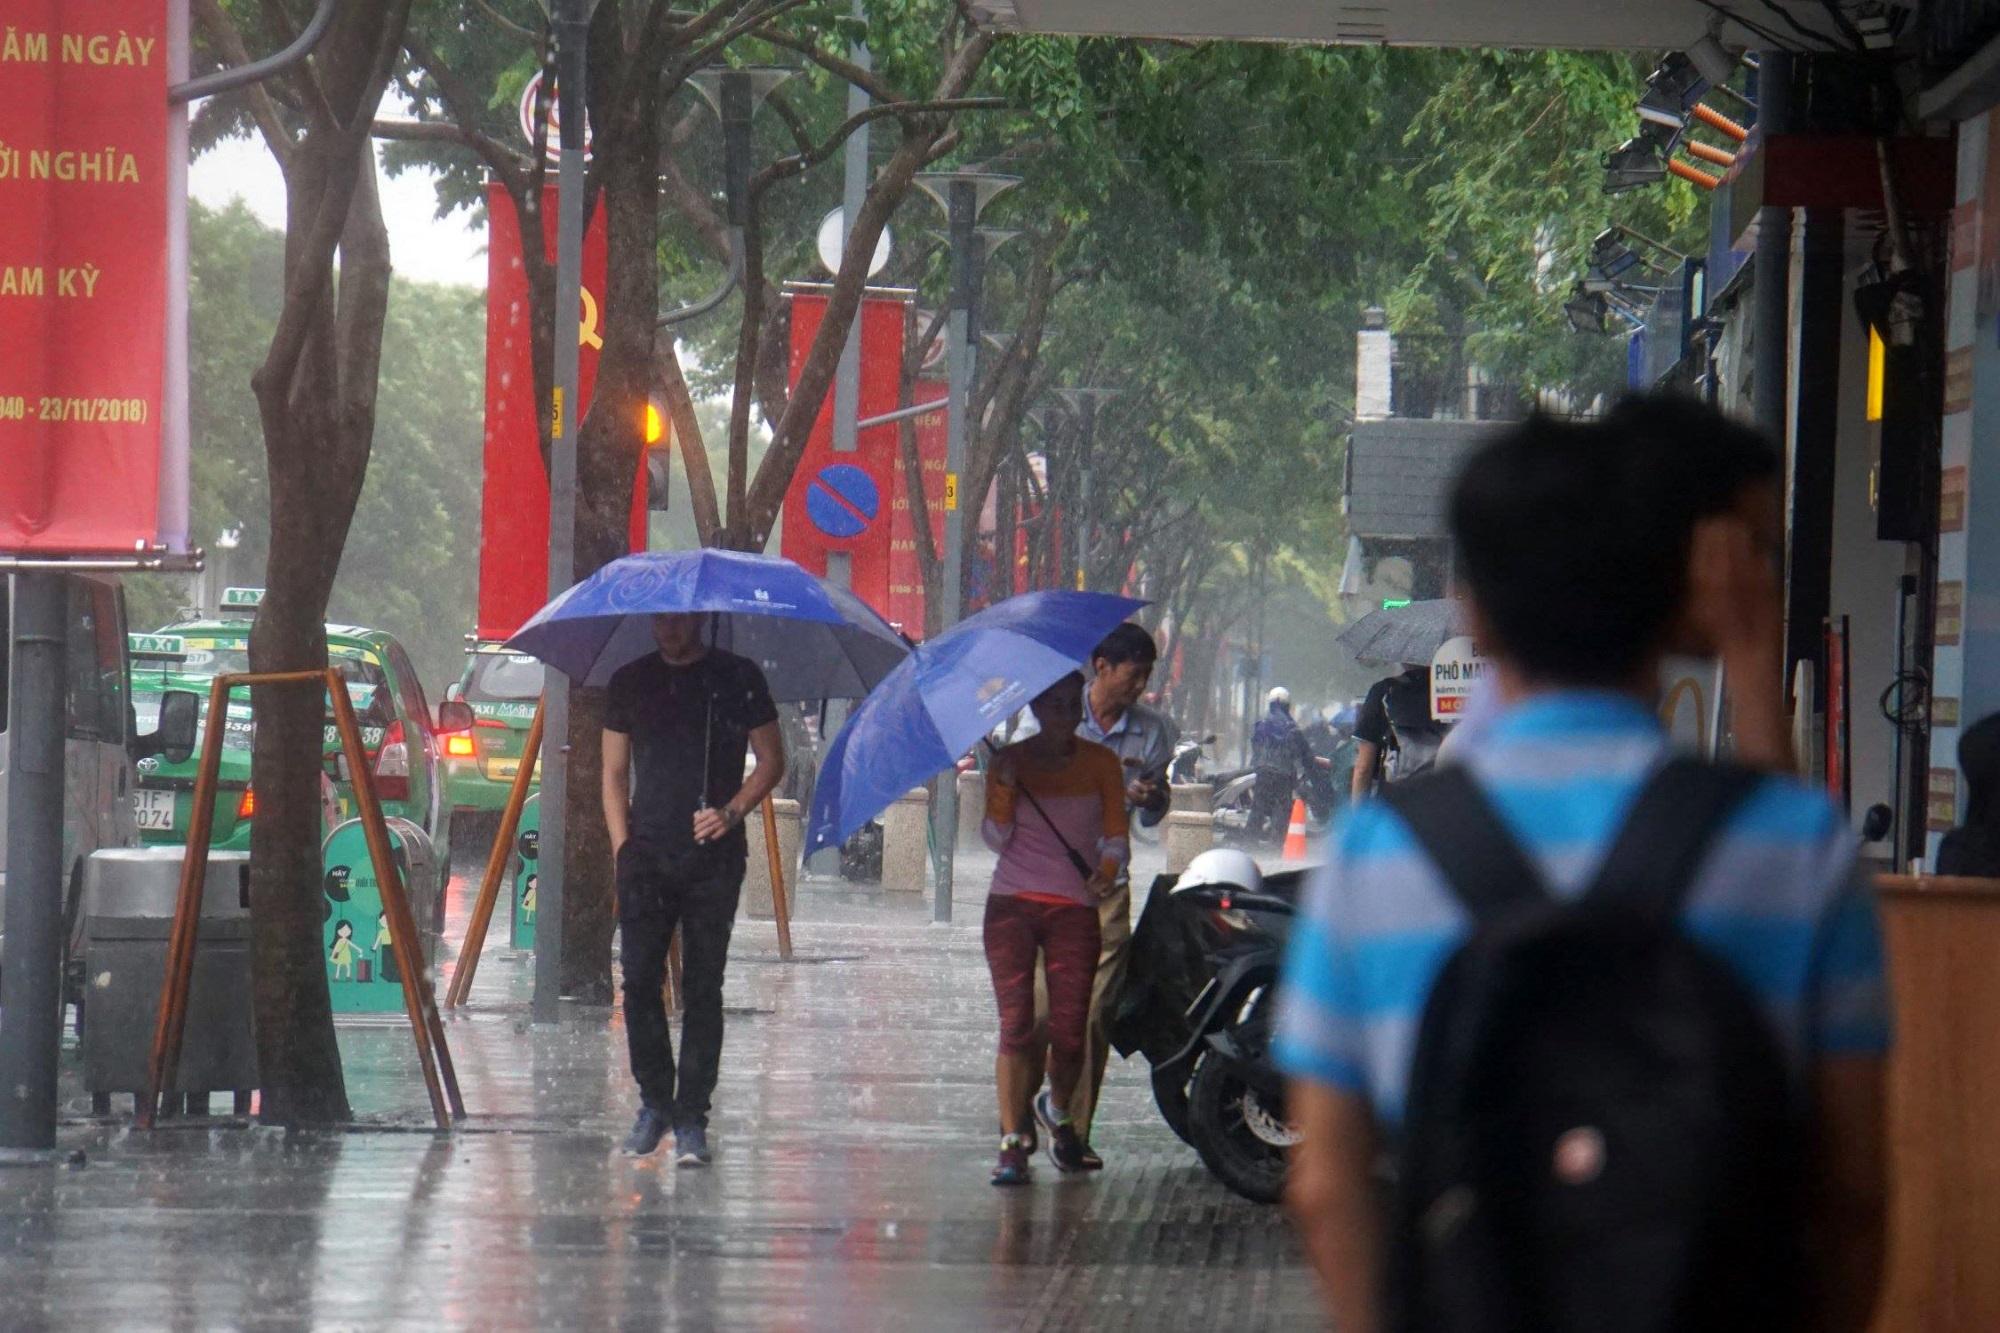 Sài Gòn mưa như trút nước, du khách thoải mái dạo mưa chụp ảnh - Ảnh 8